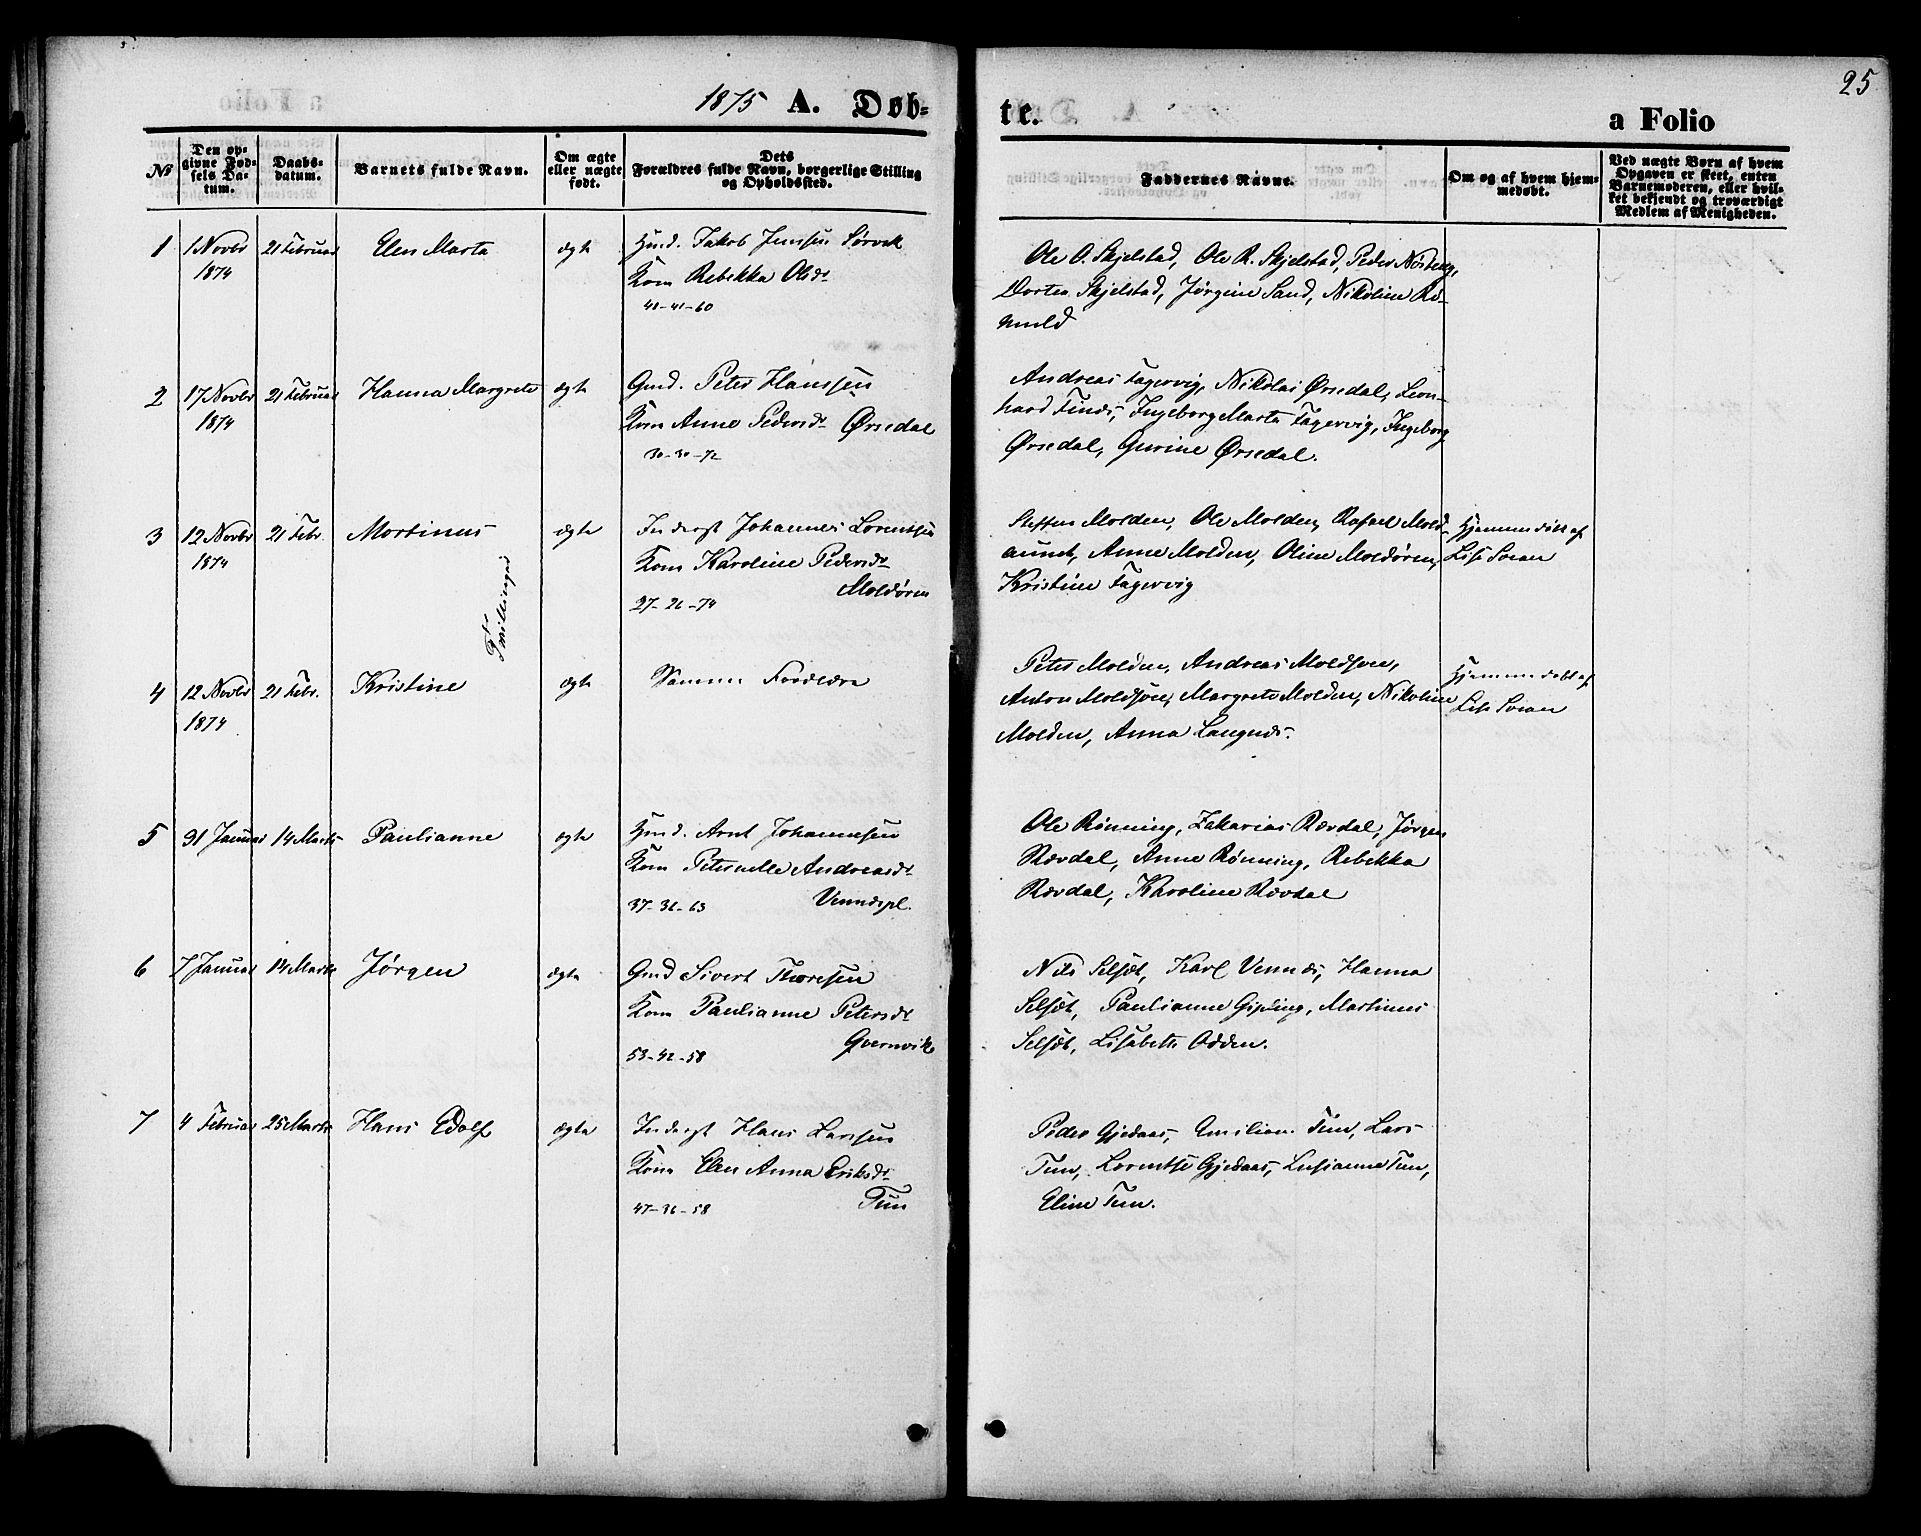 SAT, Ministerialprotokoller, klokkerbøker og fødselsregistre - Nord-Trøndelag, 744/L0419: Ministerialbok nr. 744A03, 1867-1881, s. 25